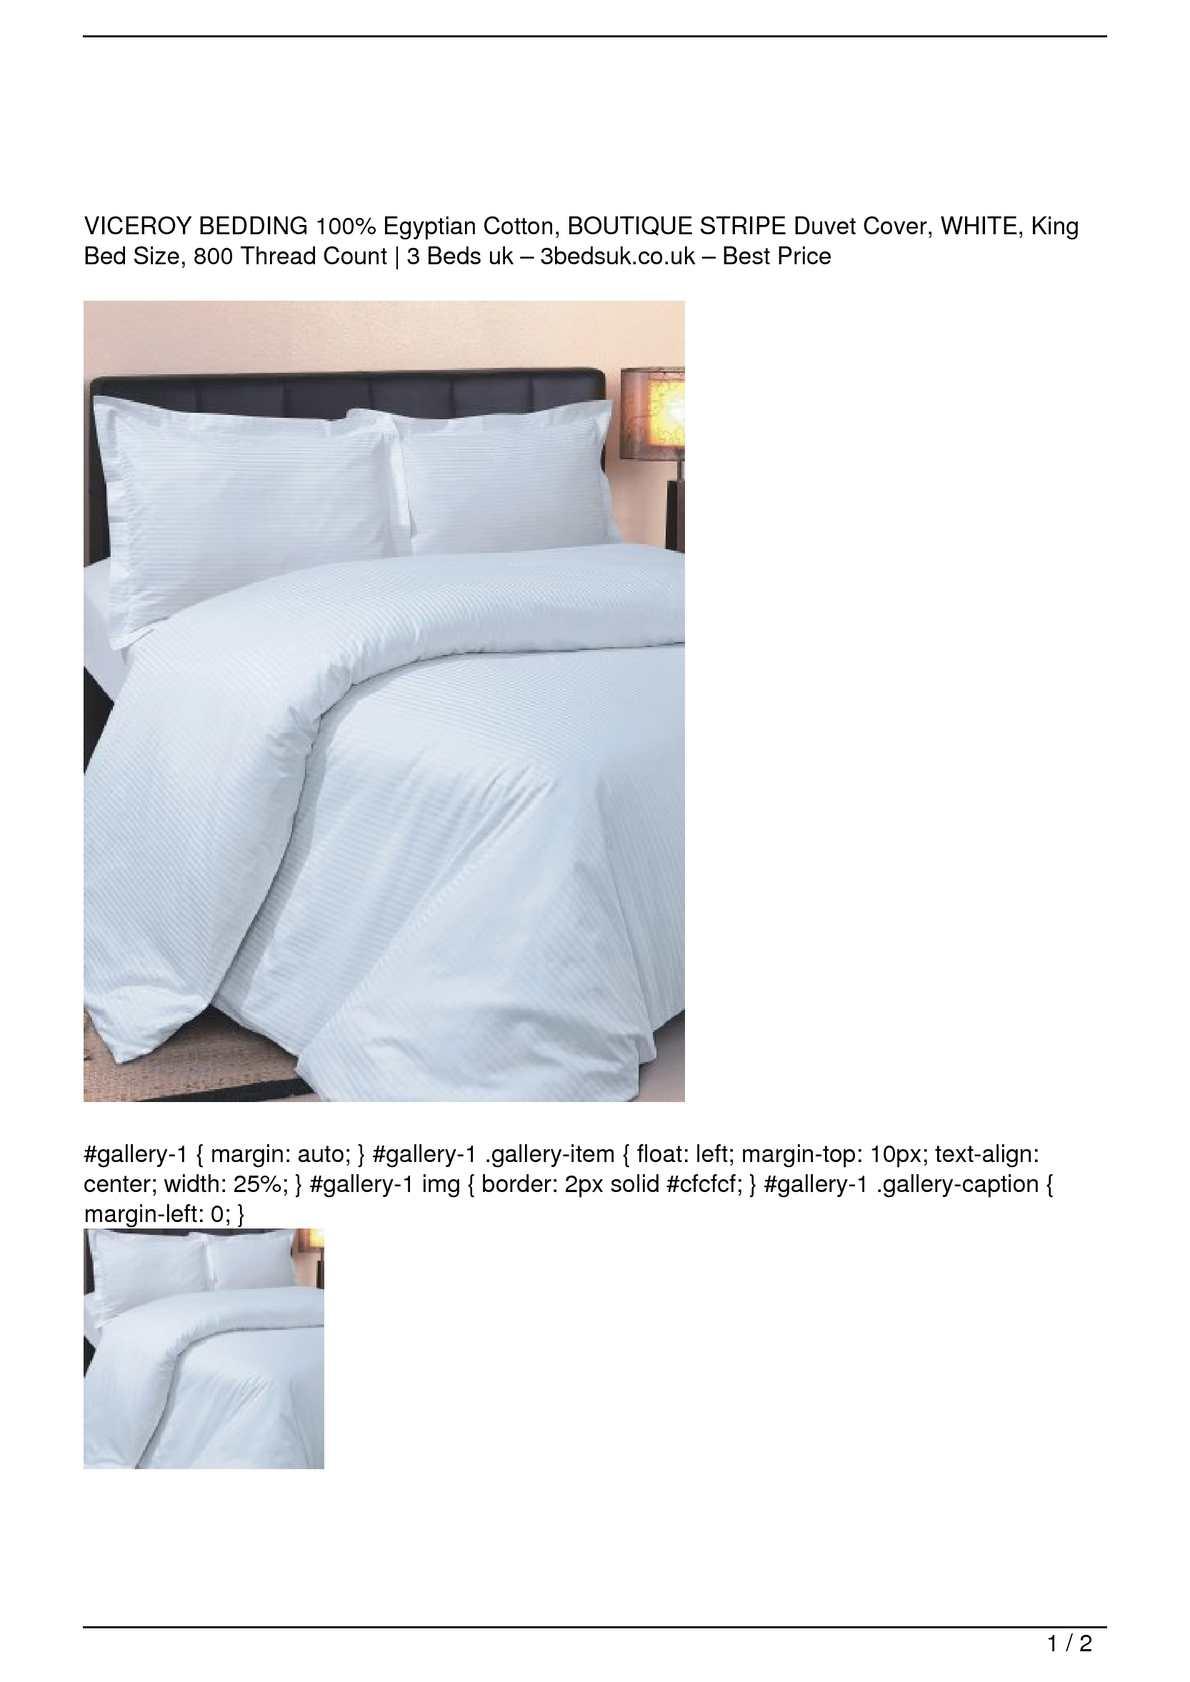 BRANDED BEDDING~ITEM 100/% Egyptian Cotton 800 TC USA Sizes White Stripe